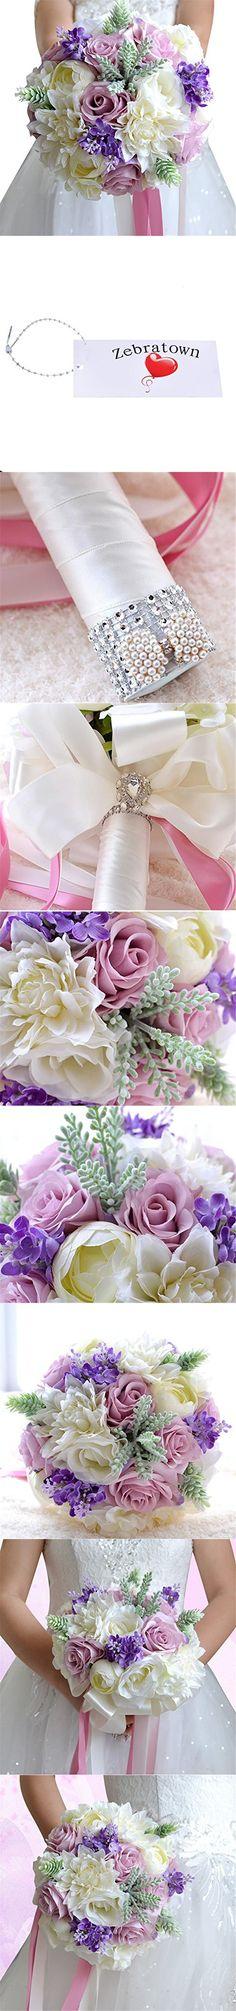 Zebratown 9'' Artificial Calla Lavender Flower Purple Rose Wedding Bouquet Party Home Decor (Purple)